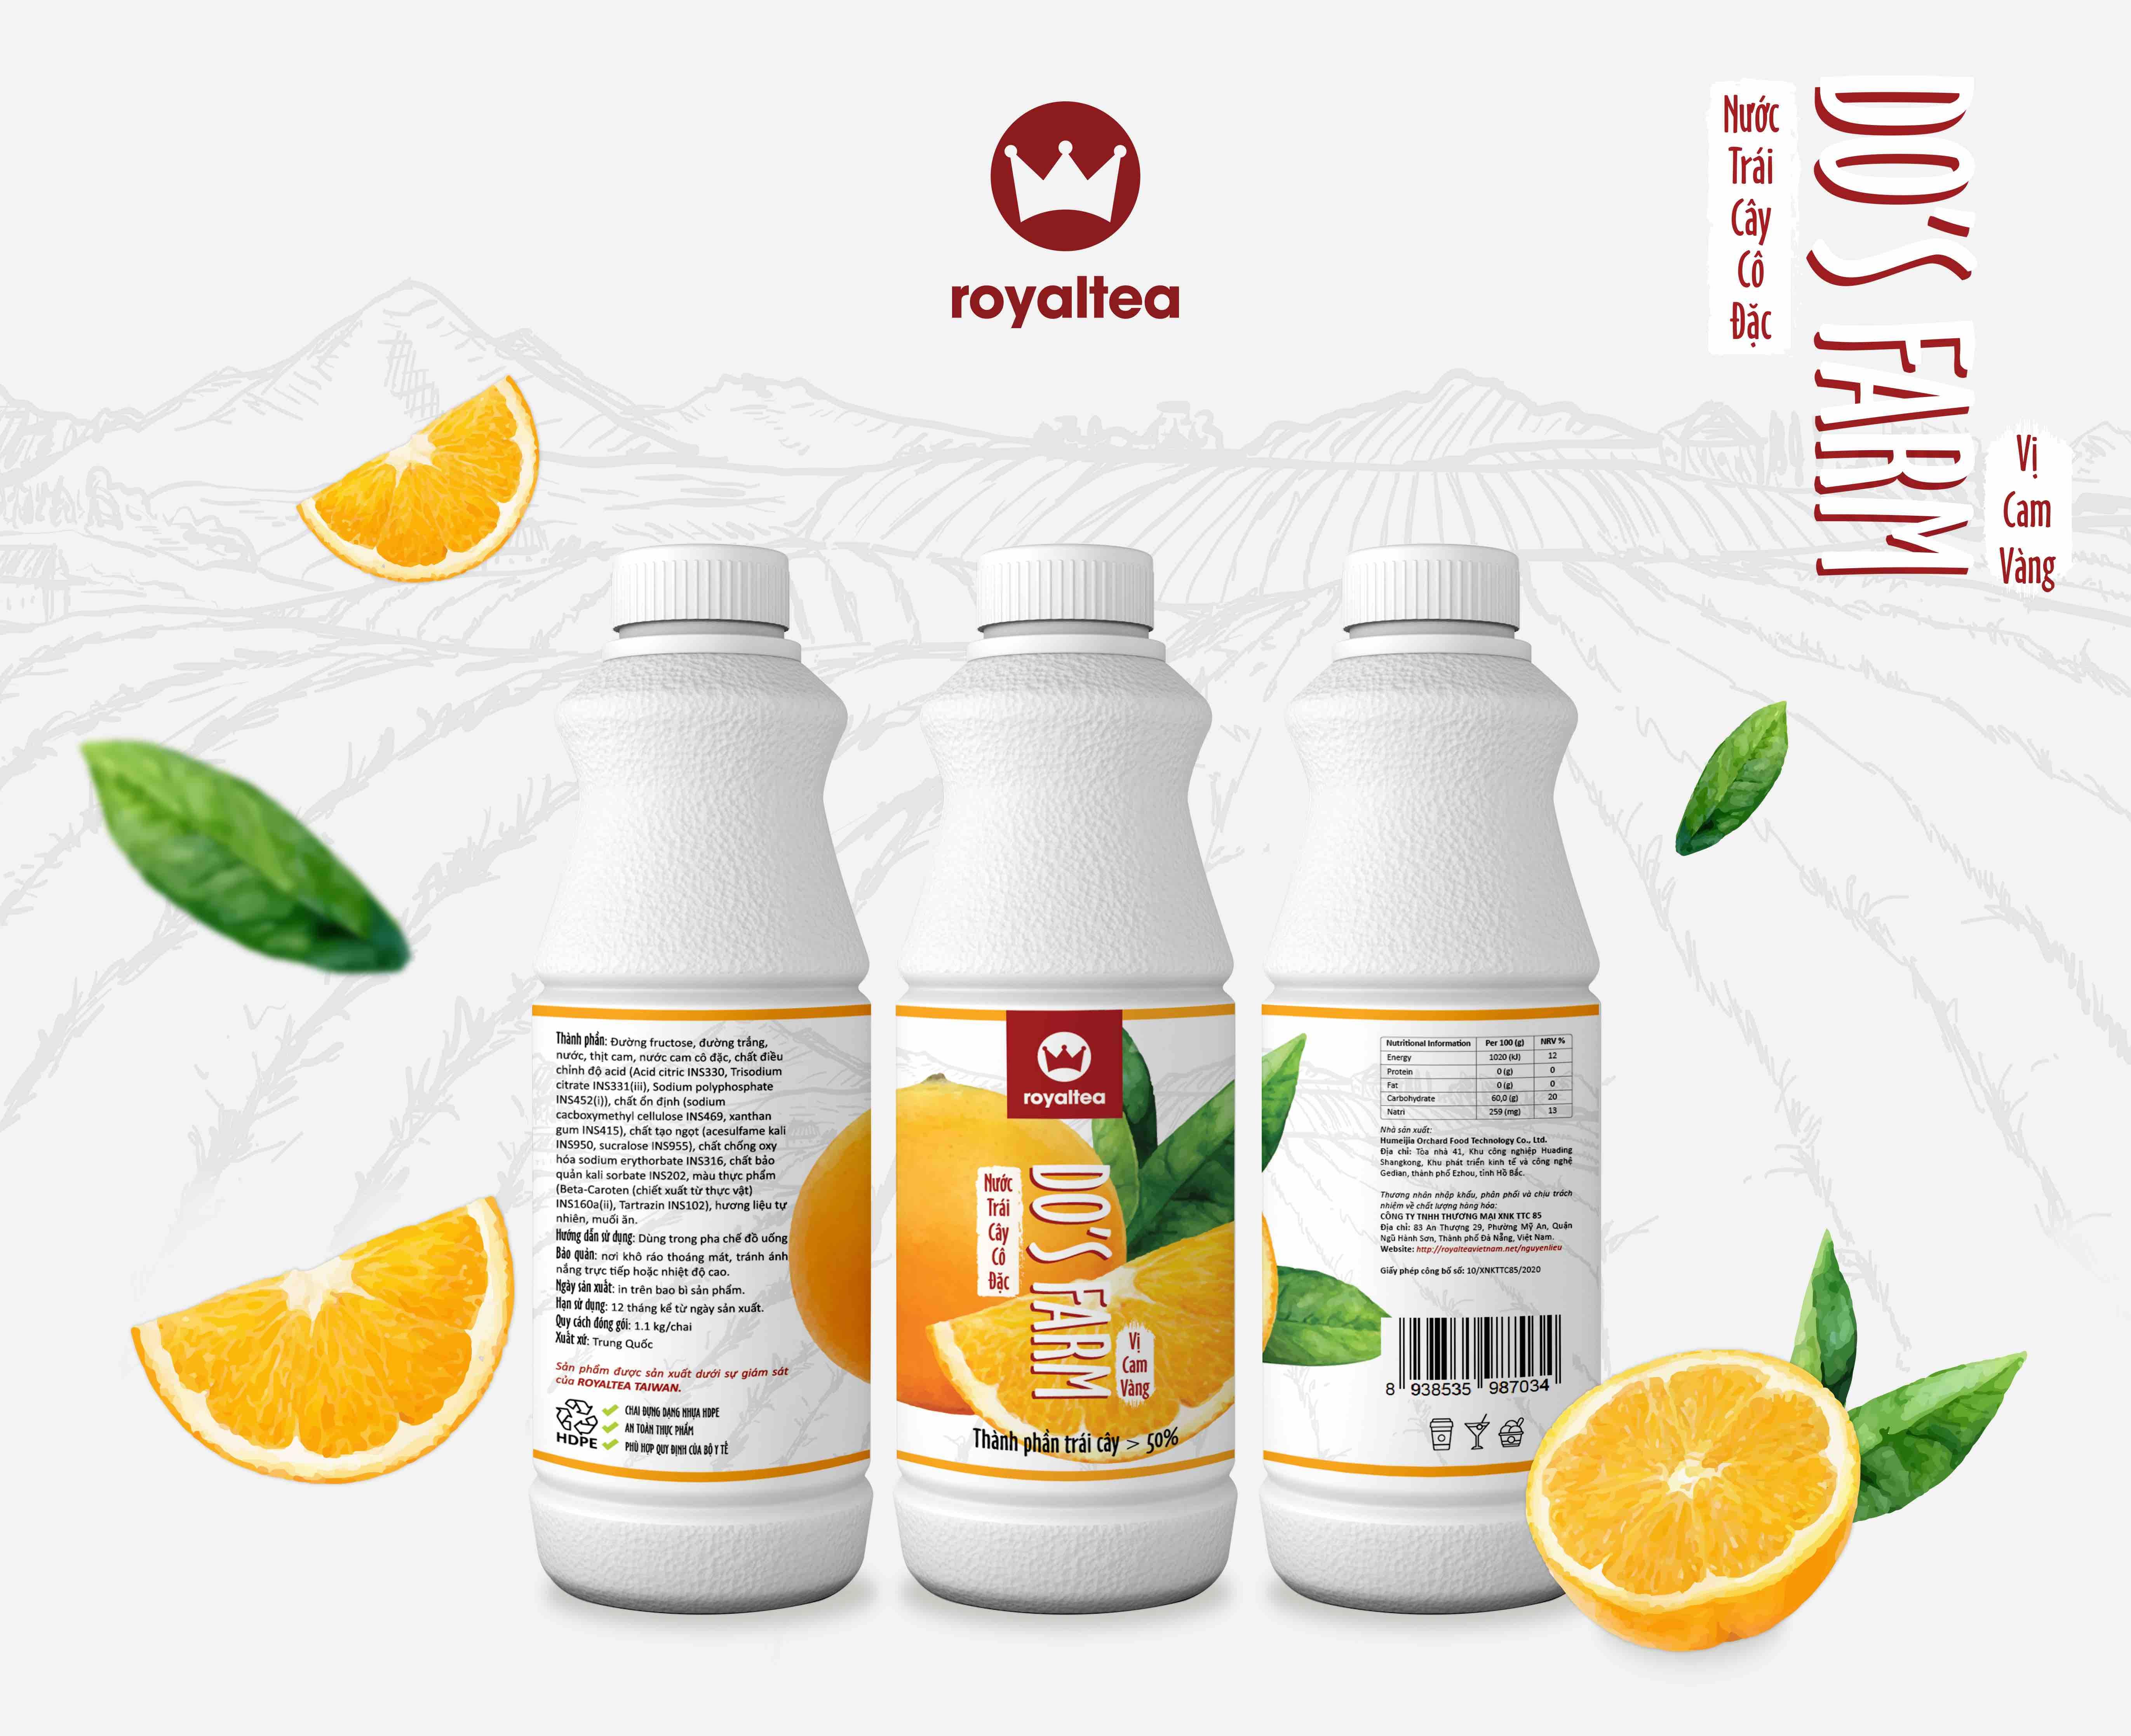 Nước trái cây cô đặc – vị cam 190.000 VNĐ